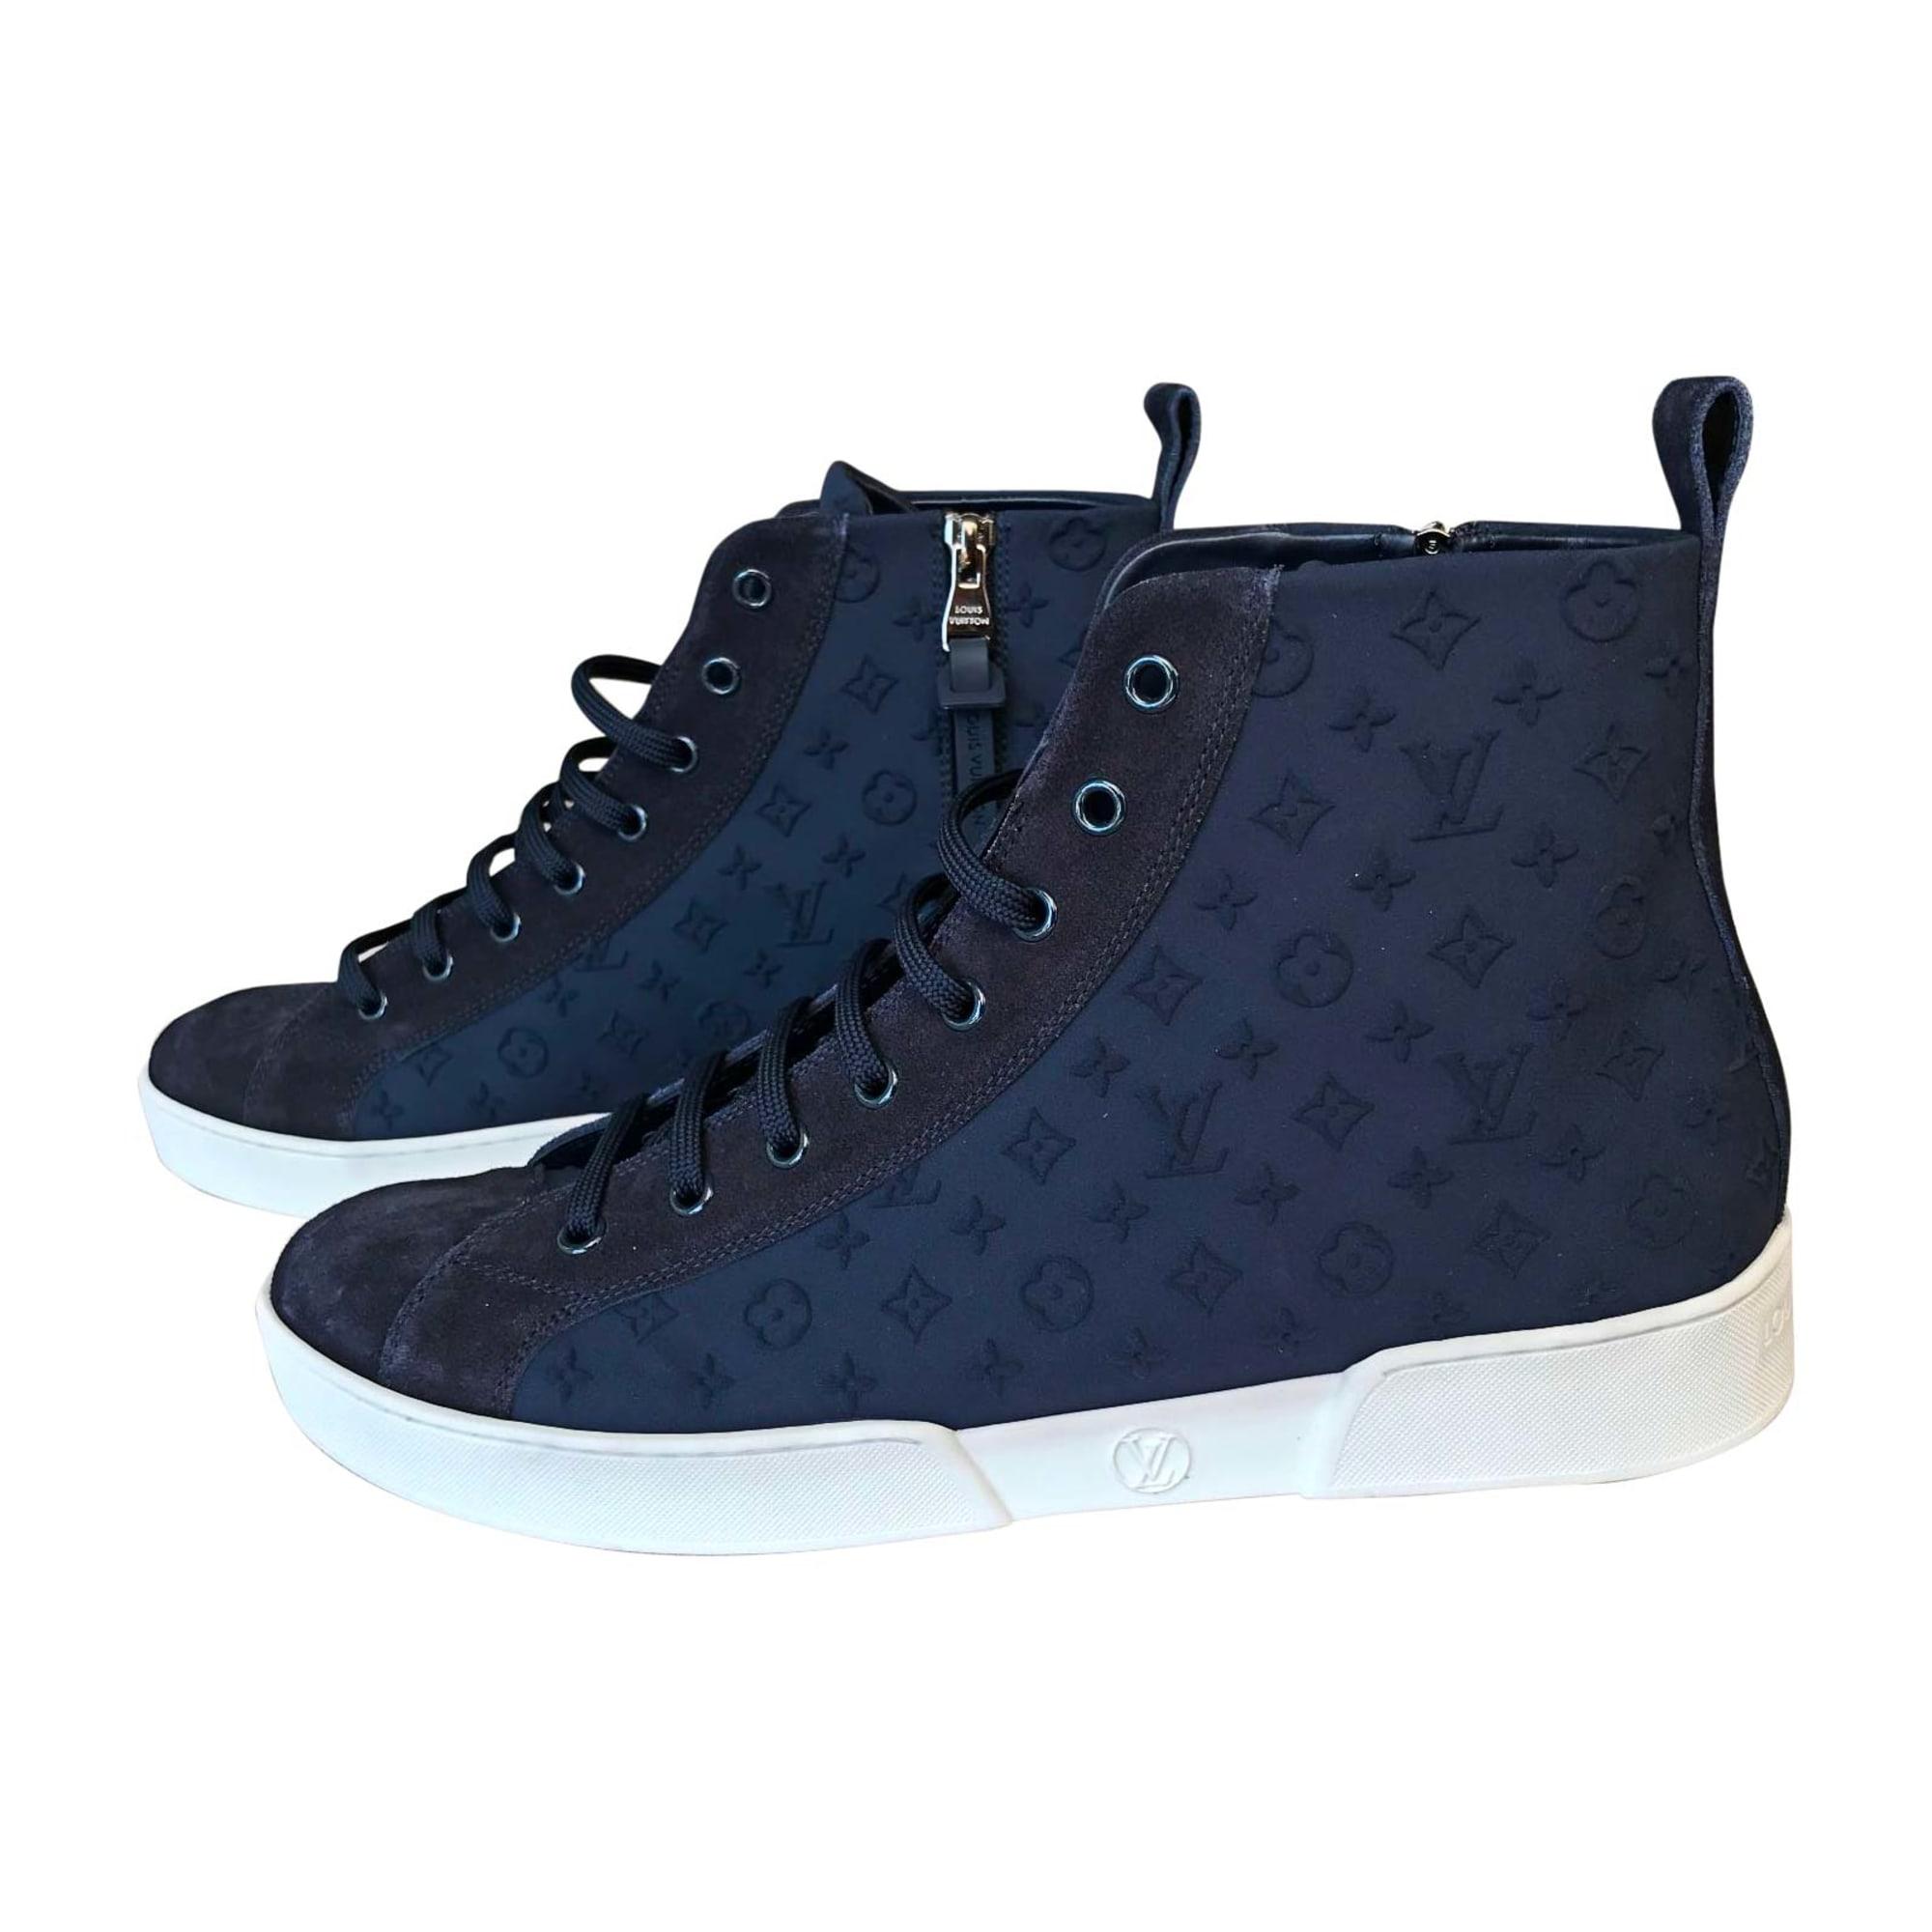 Baskets LOUIS VUITTON Bleu, bleu marine, bleu turquoise 1bd1cff369b